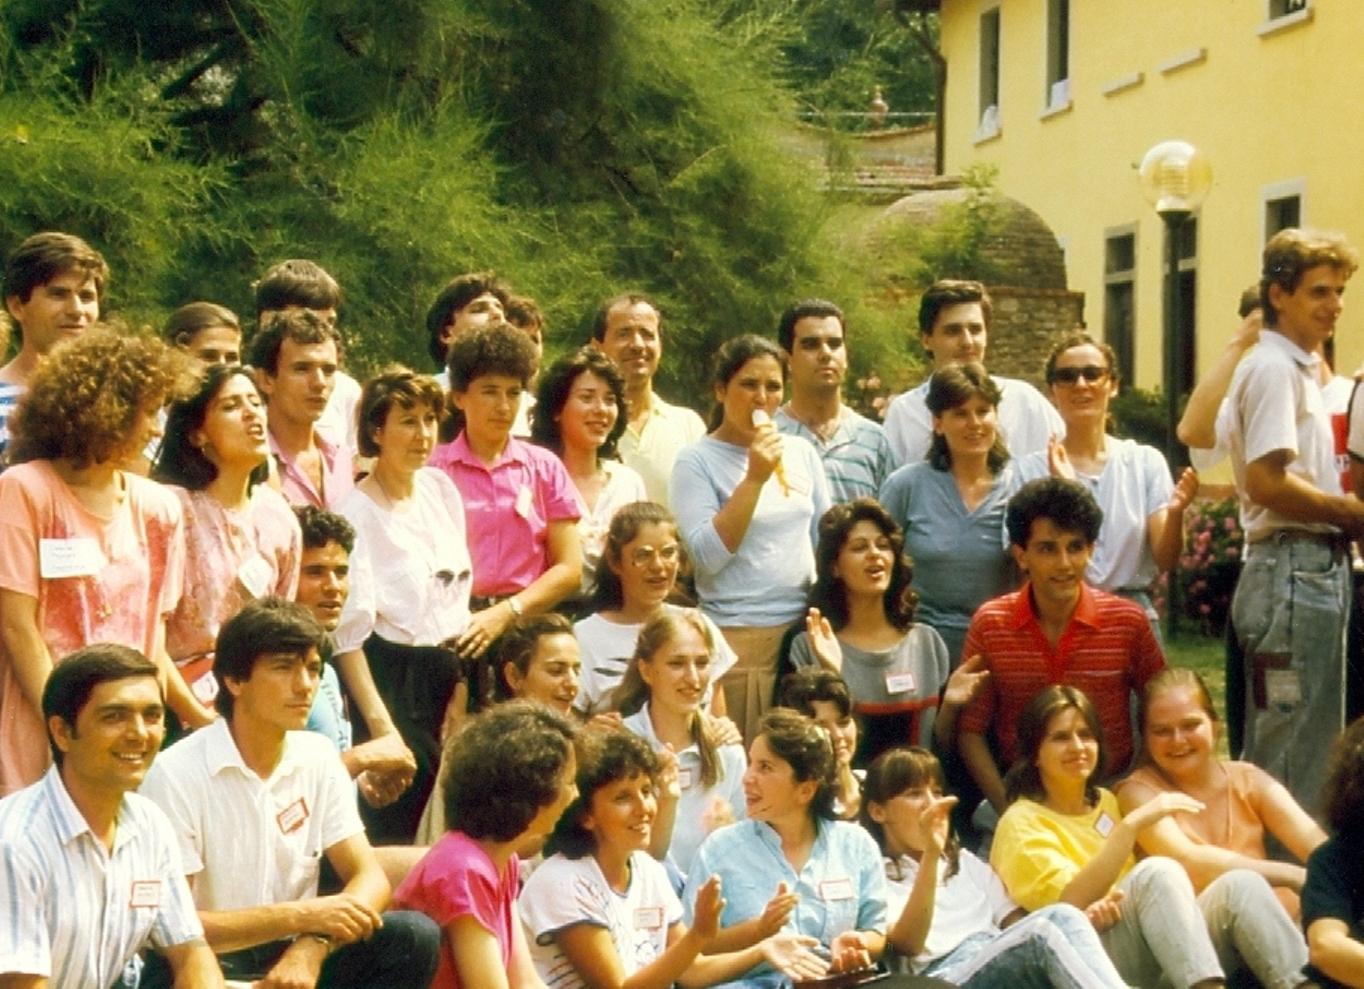 TINERI CRESTINI DUPA EVANGHELIE DIN VECHEA BISERICA DRAGOS VODA DIN BUCURESTI IN VIZITA LA FRATII ITALIENI DIN POGGIO UBERTINI IN 1990